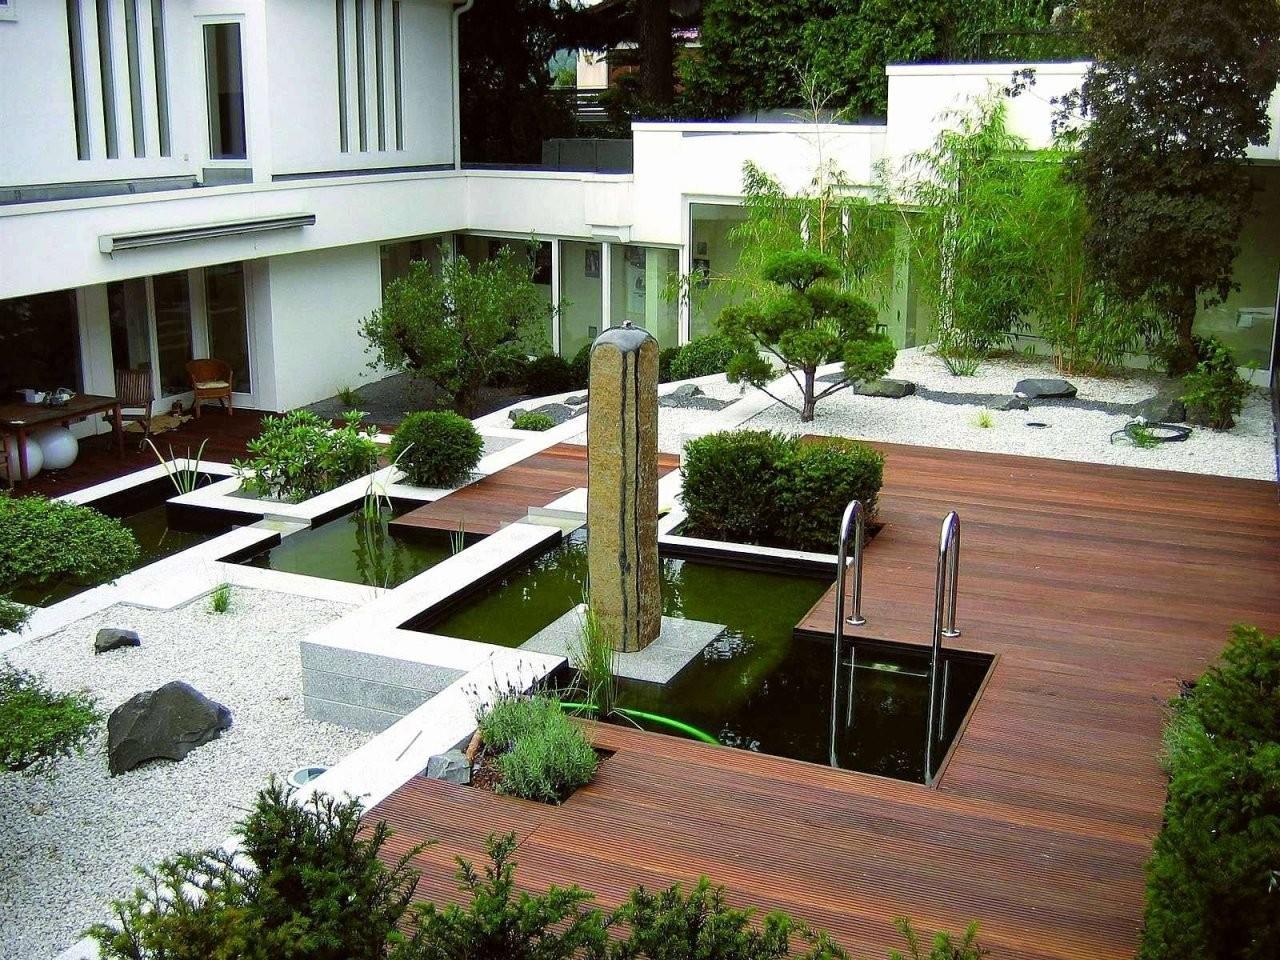 Kleine Sitzecke Garten Elegant Gartengestaltung Ideen Kleiner Garten von Kleine Sitzecke Im Garten Photo